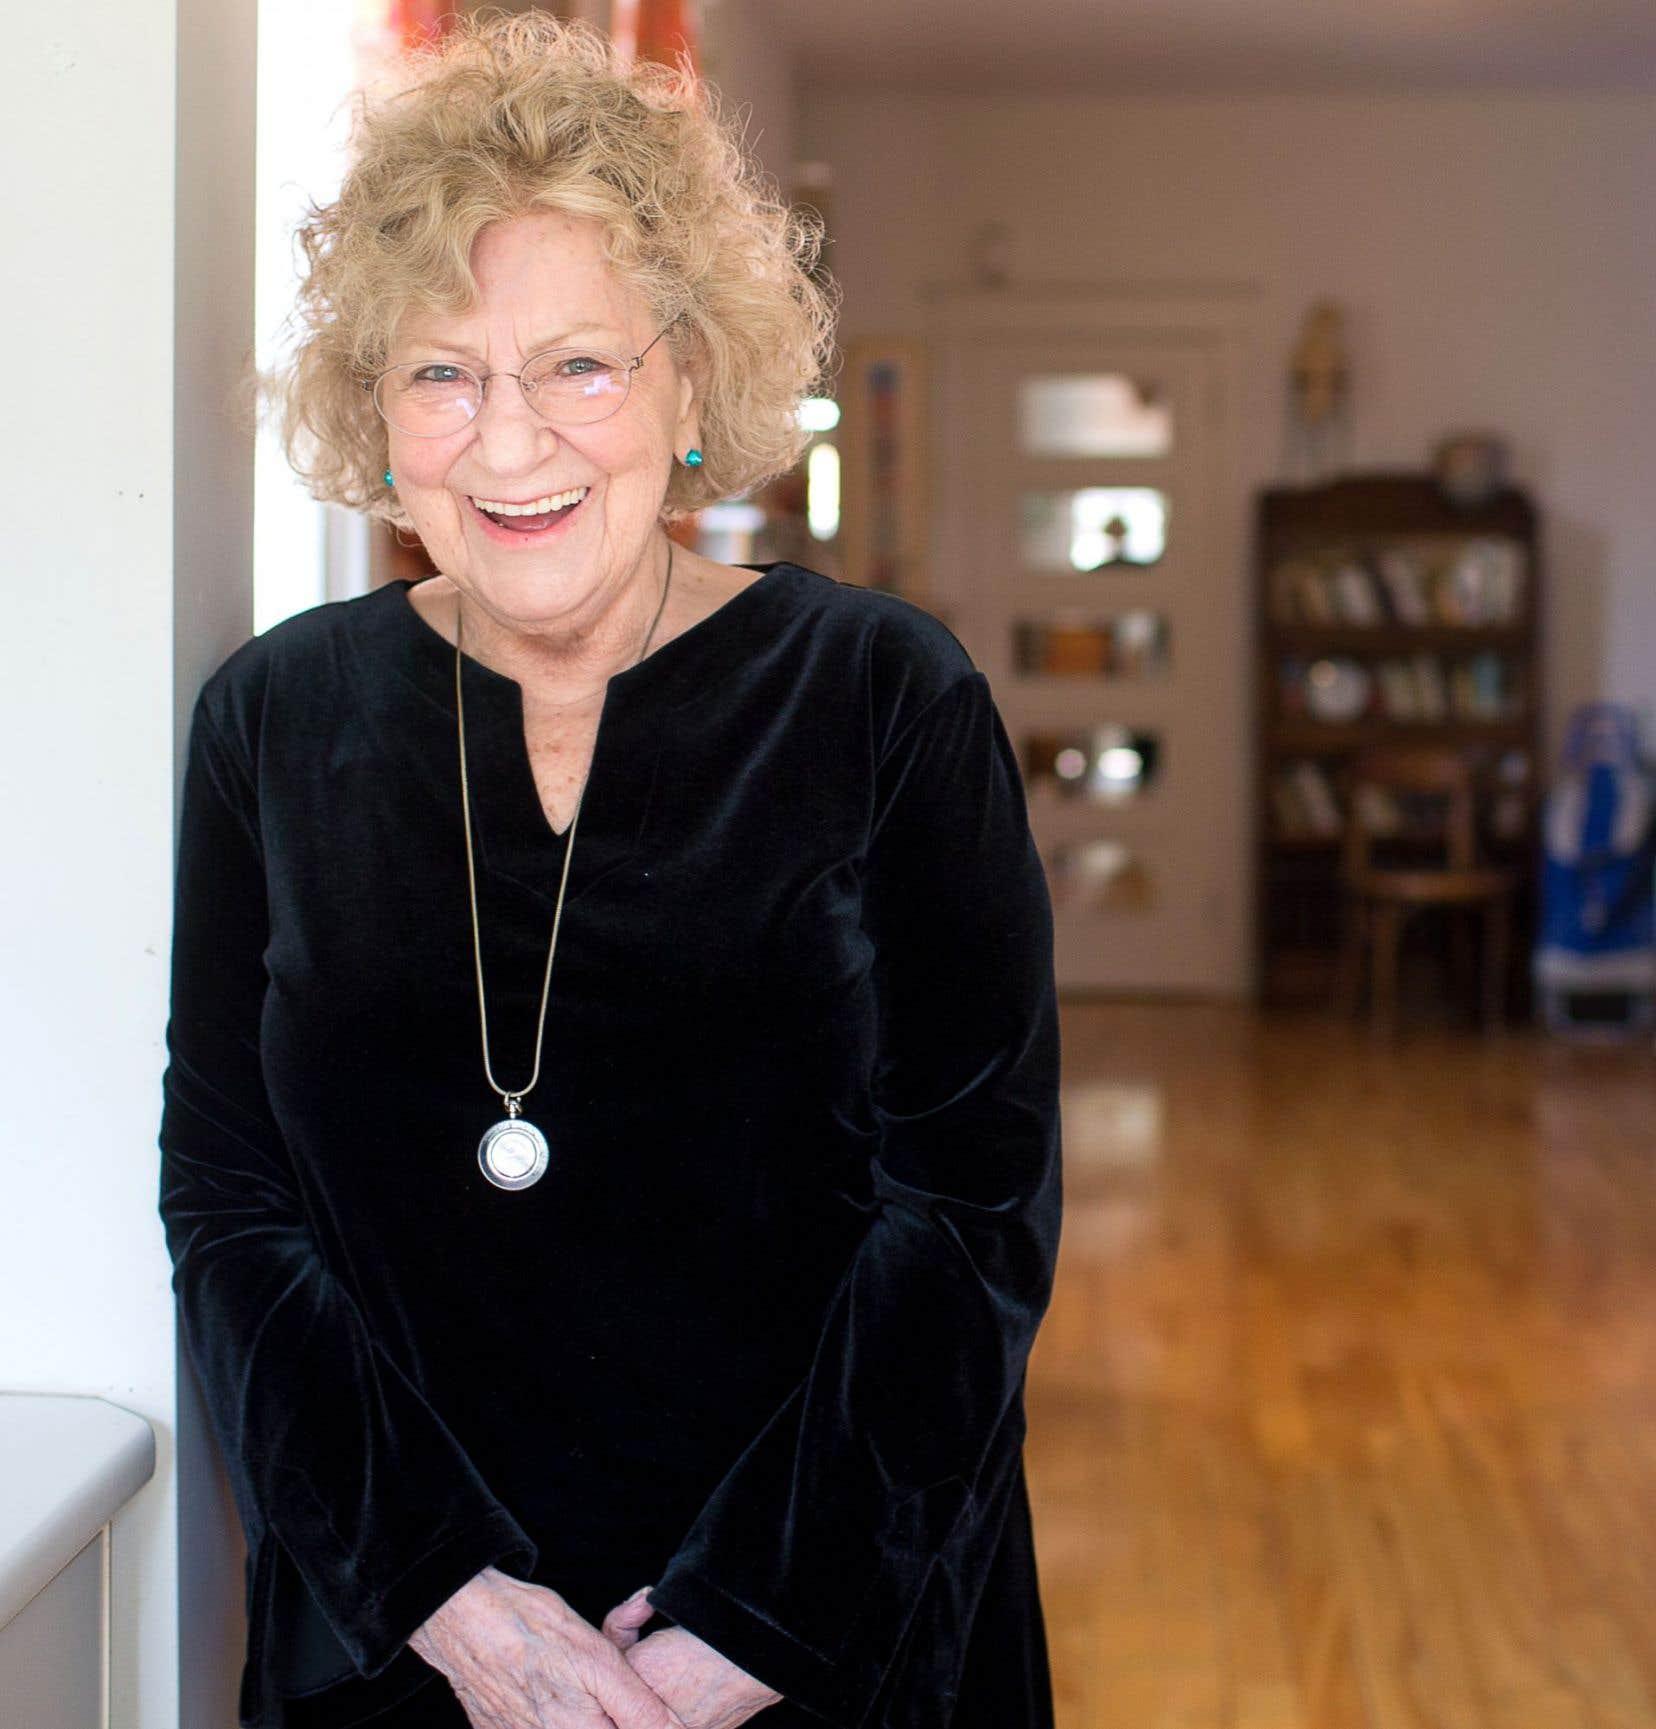 À 80ans bien sonnés, Denise Boucher publie «Boîte d'images» (L'Hexagone), un septième recueil, fait de poèmes écrits au fil du temps, à différentes époques.